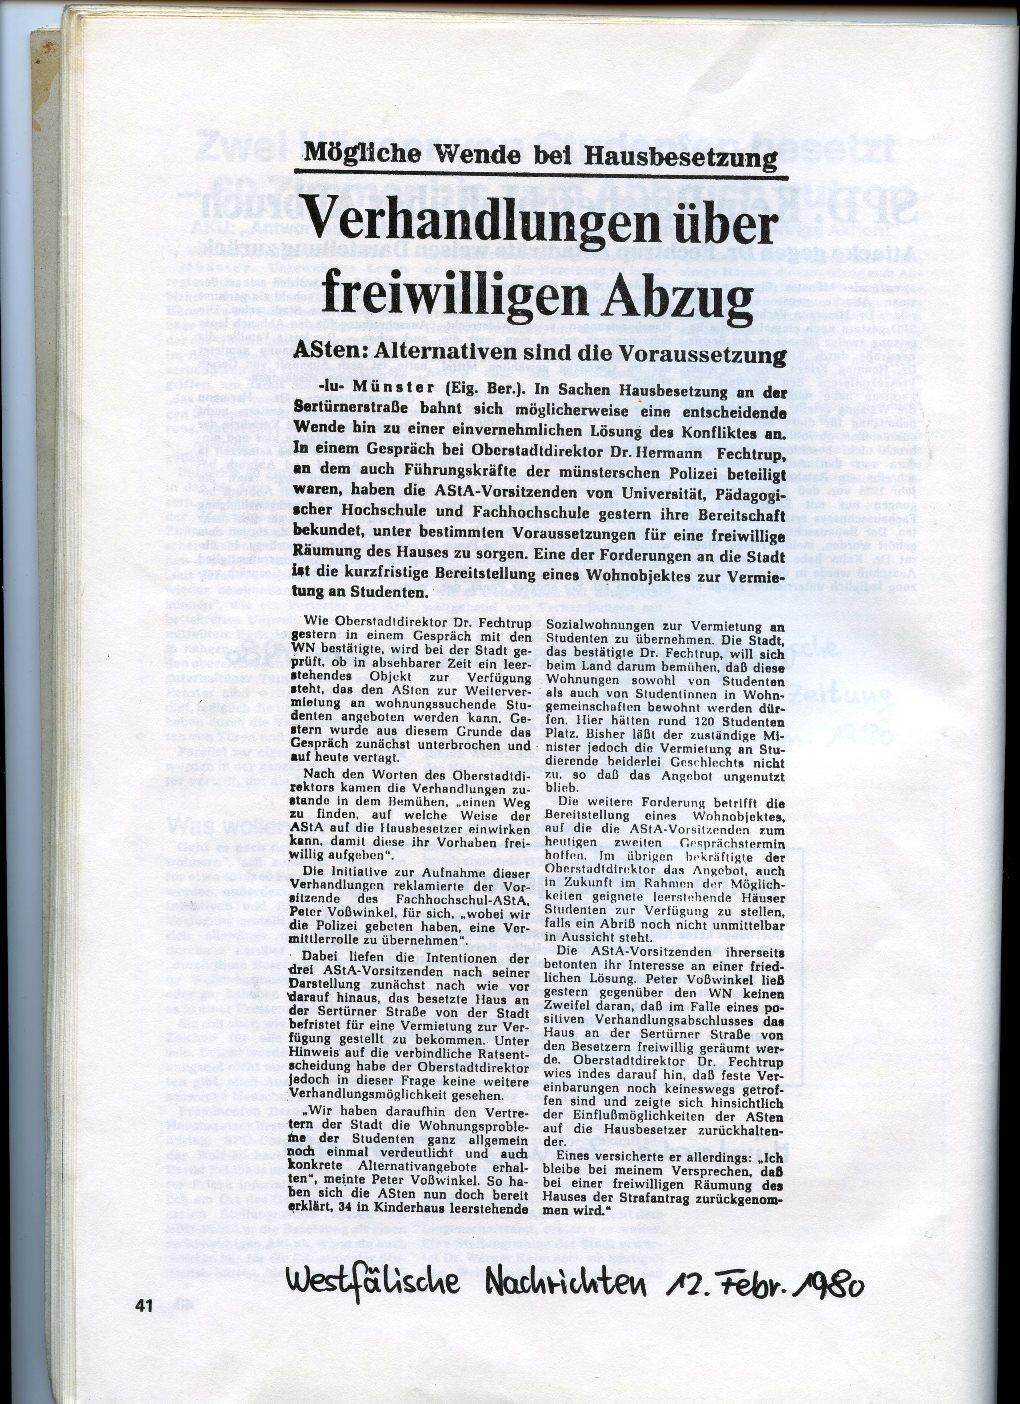 Muenster_Hausbesetzung_1980_42